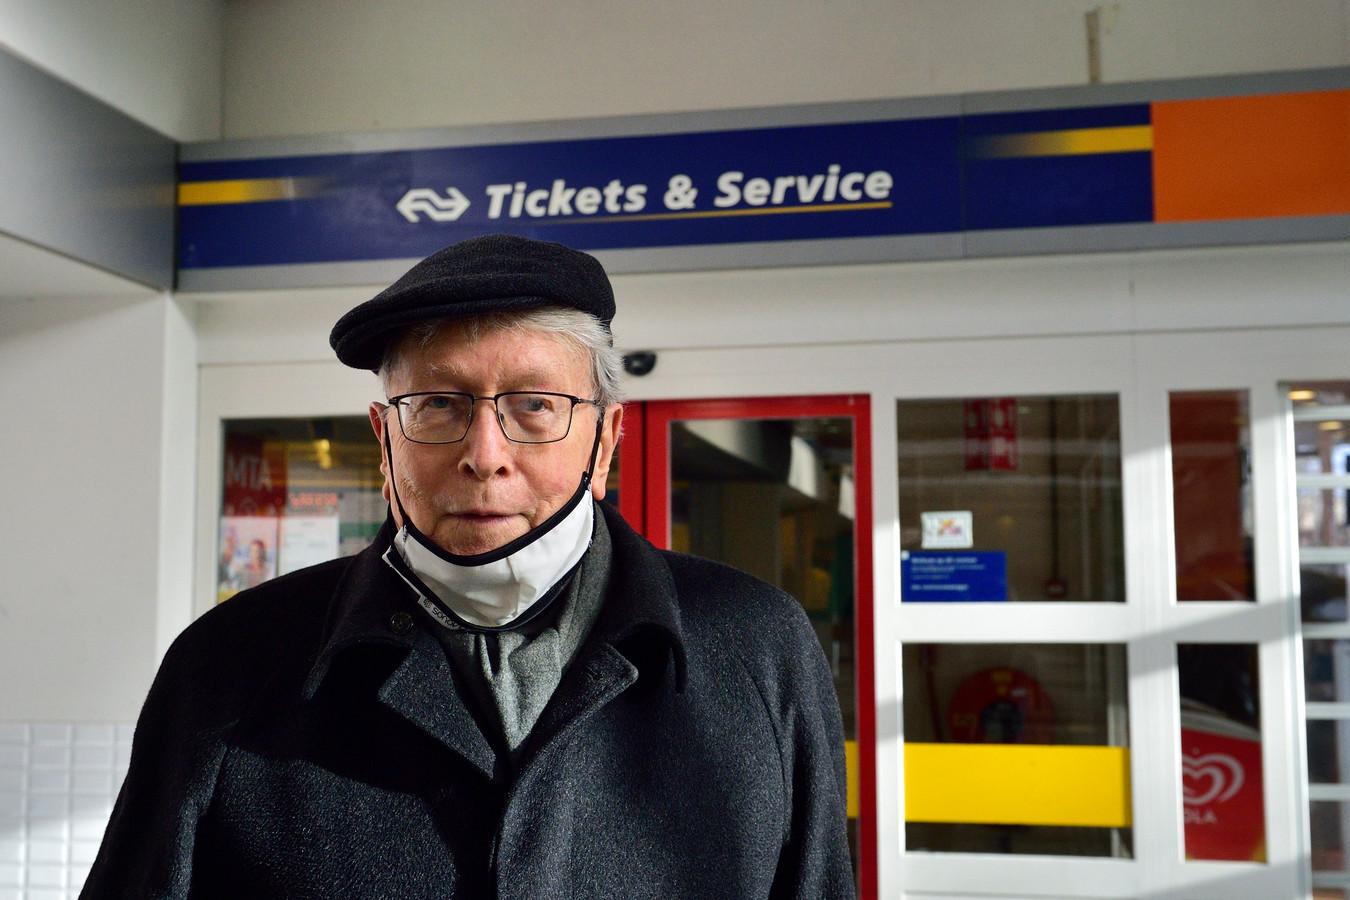 Het loket op het NS-station in Gouda gaat dicht. B. A. Dubbeldam uit Gouda is een van de Gouwenaars die vindt dat het open moet blijven.  ,,De dienstverlening moet voor iedereen goed zijn.''